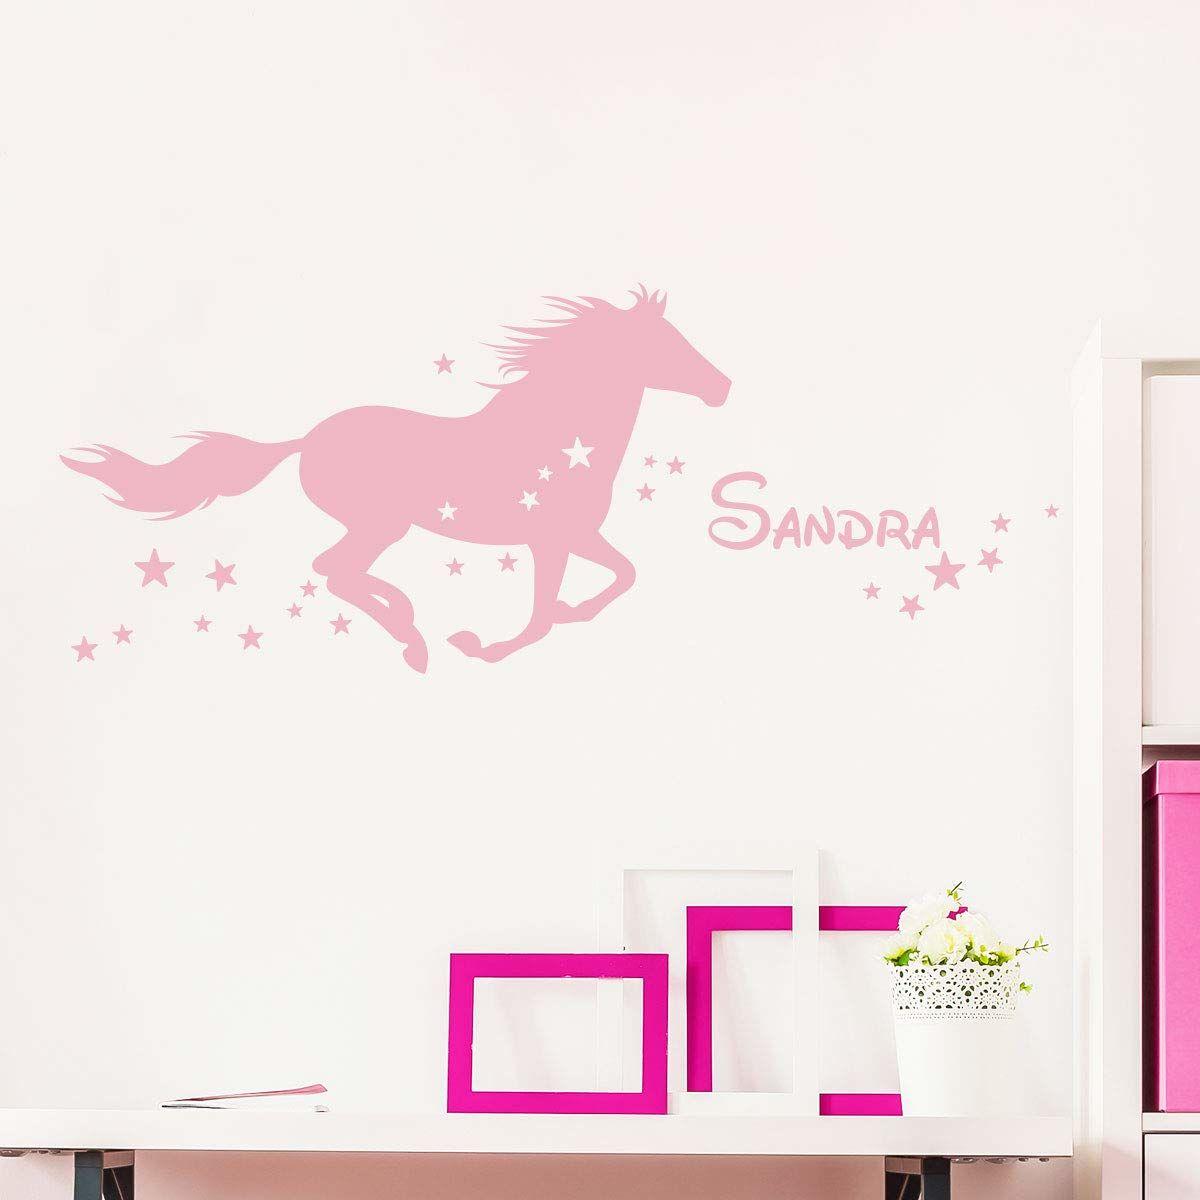 Naklejka z imieniem Konik wróżki dekoracja ścienna do pokoju dziecięcego 2 arkusze o wymiarach 25 x 45 cm i 40 x 25 cm  kolor różowy